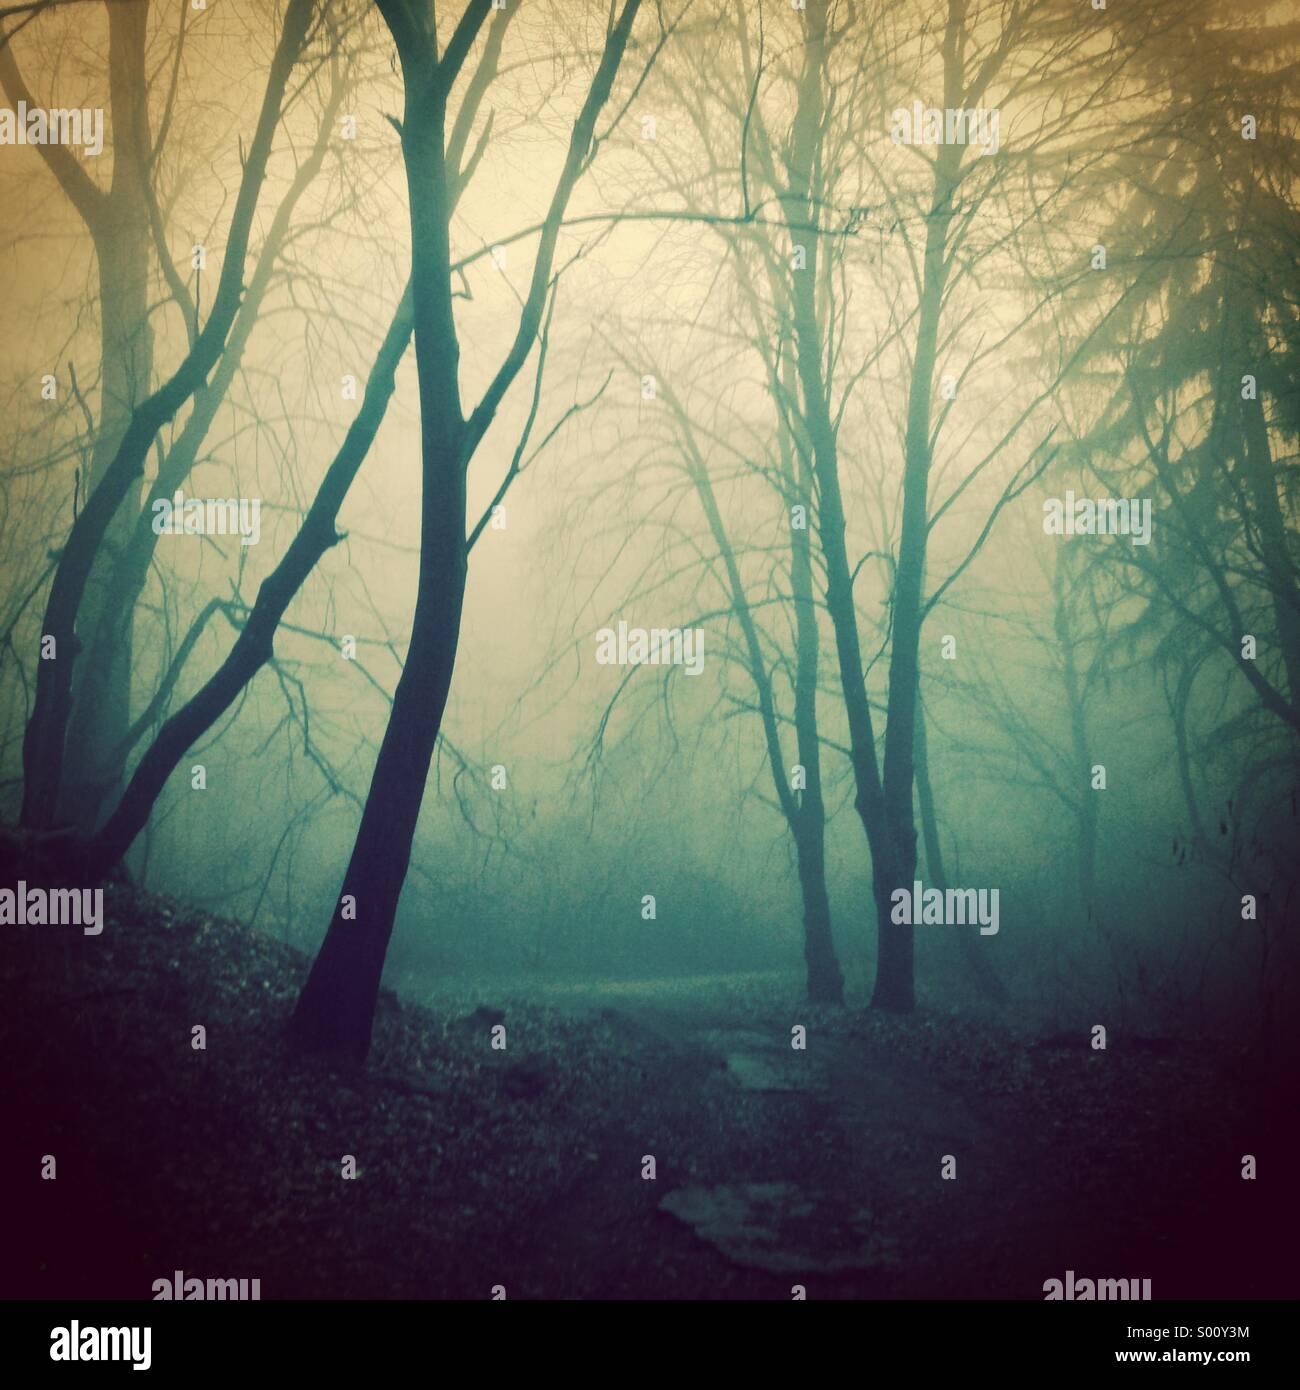 Conte de fées sombre Photo Stock